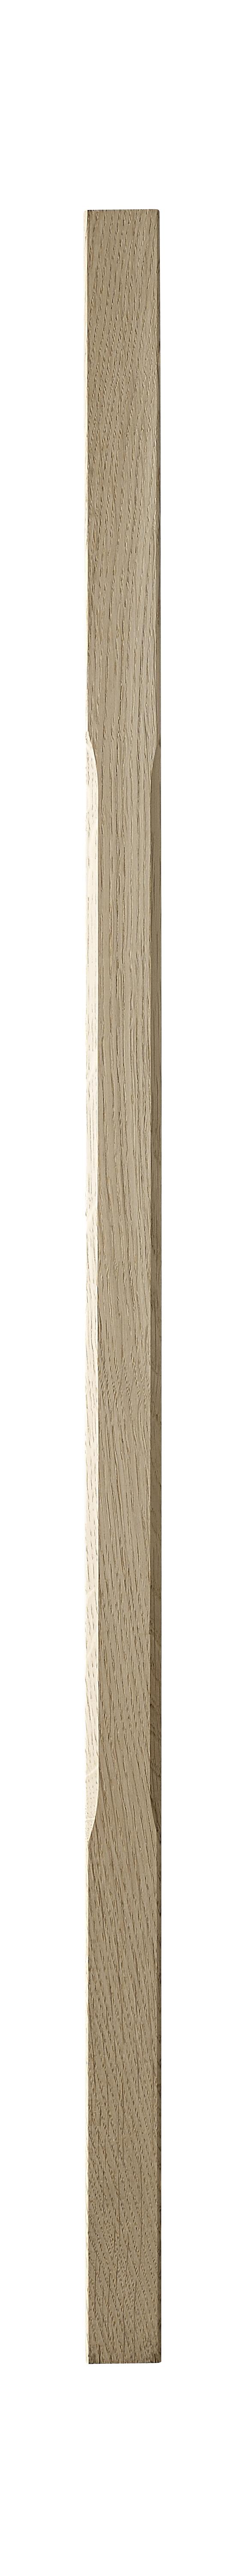 1 Oak Stop Chamfer Baluster 900 32